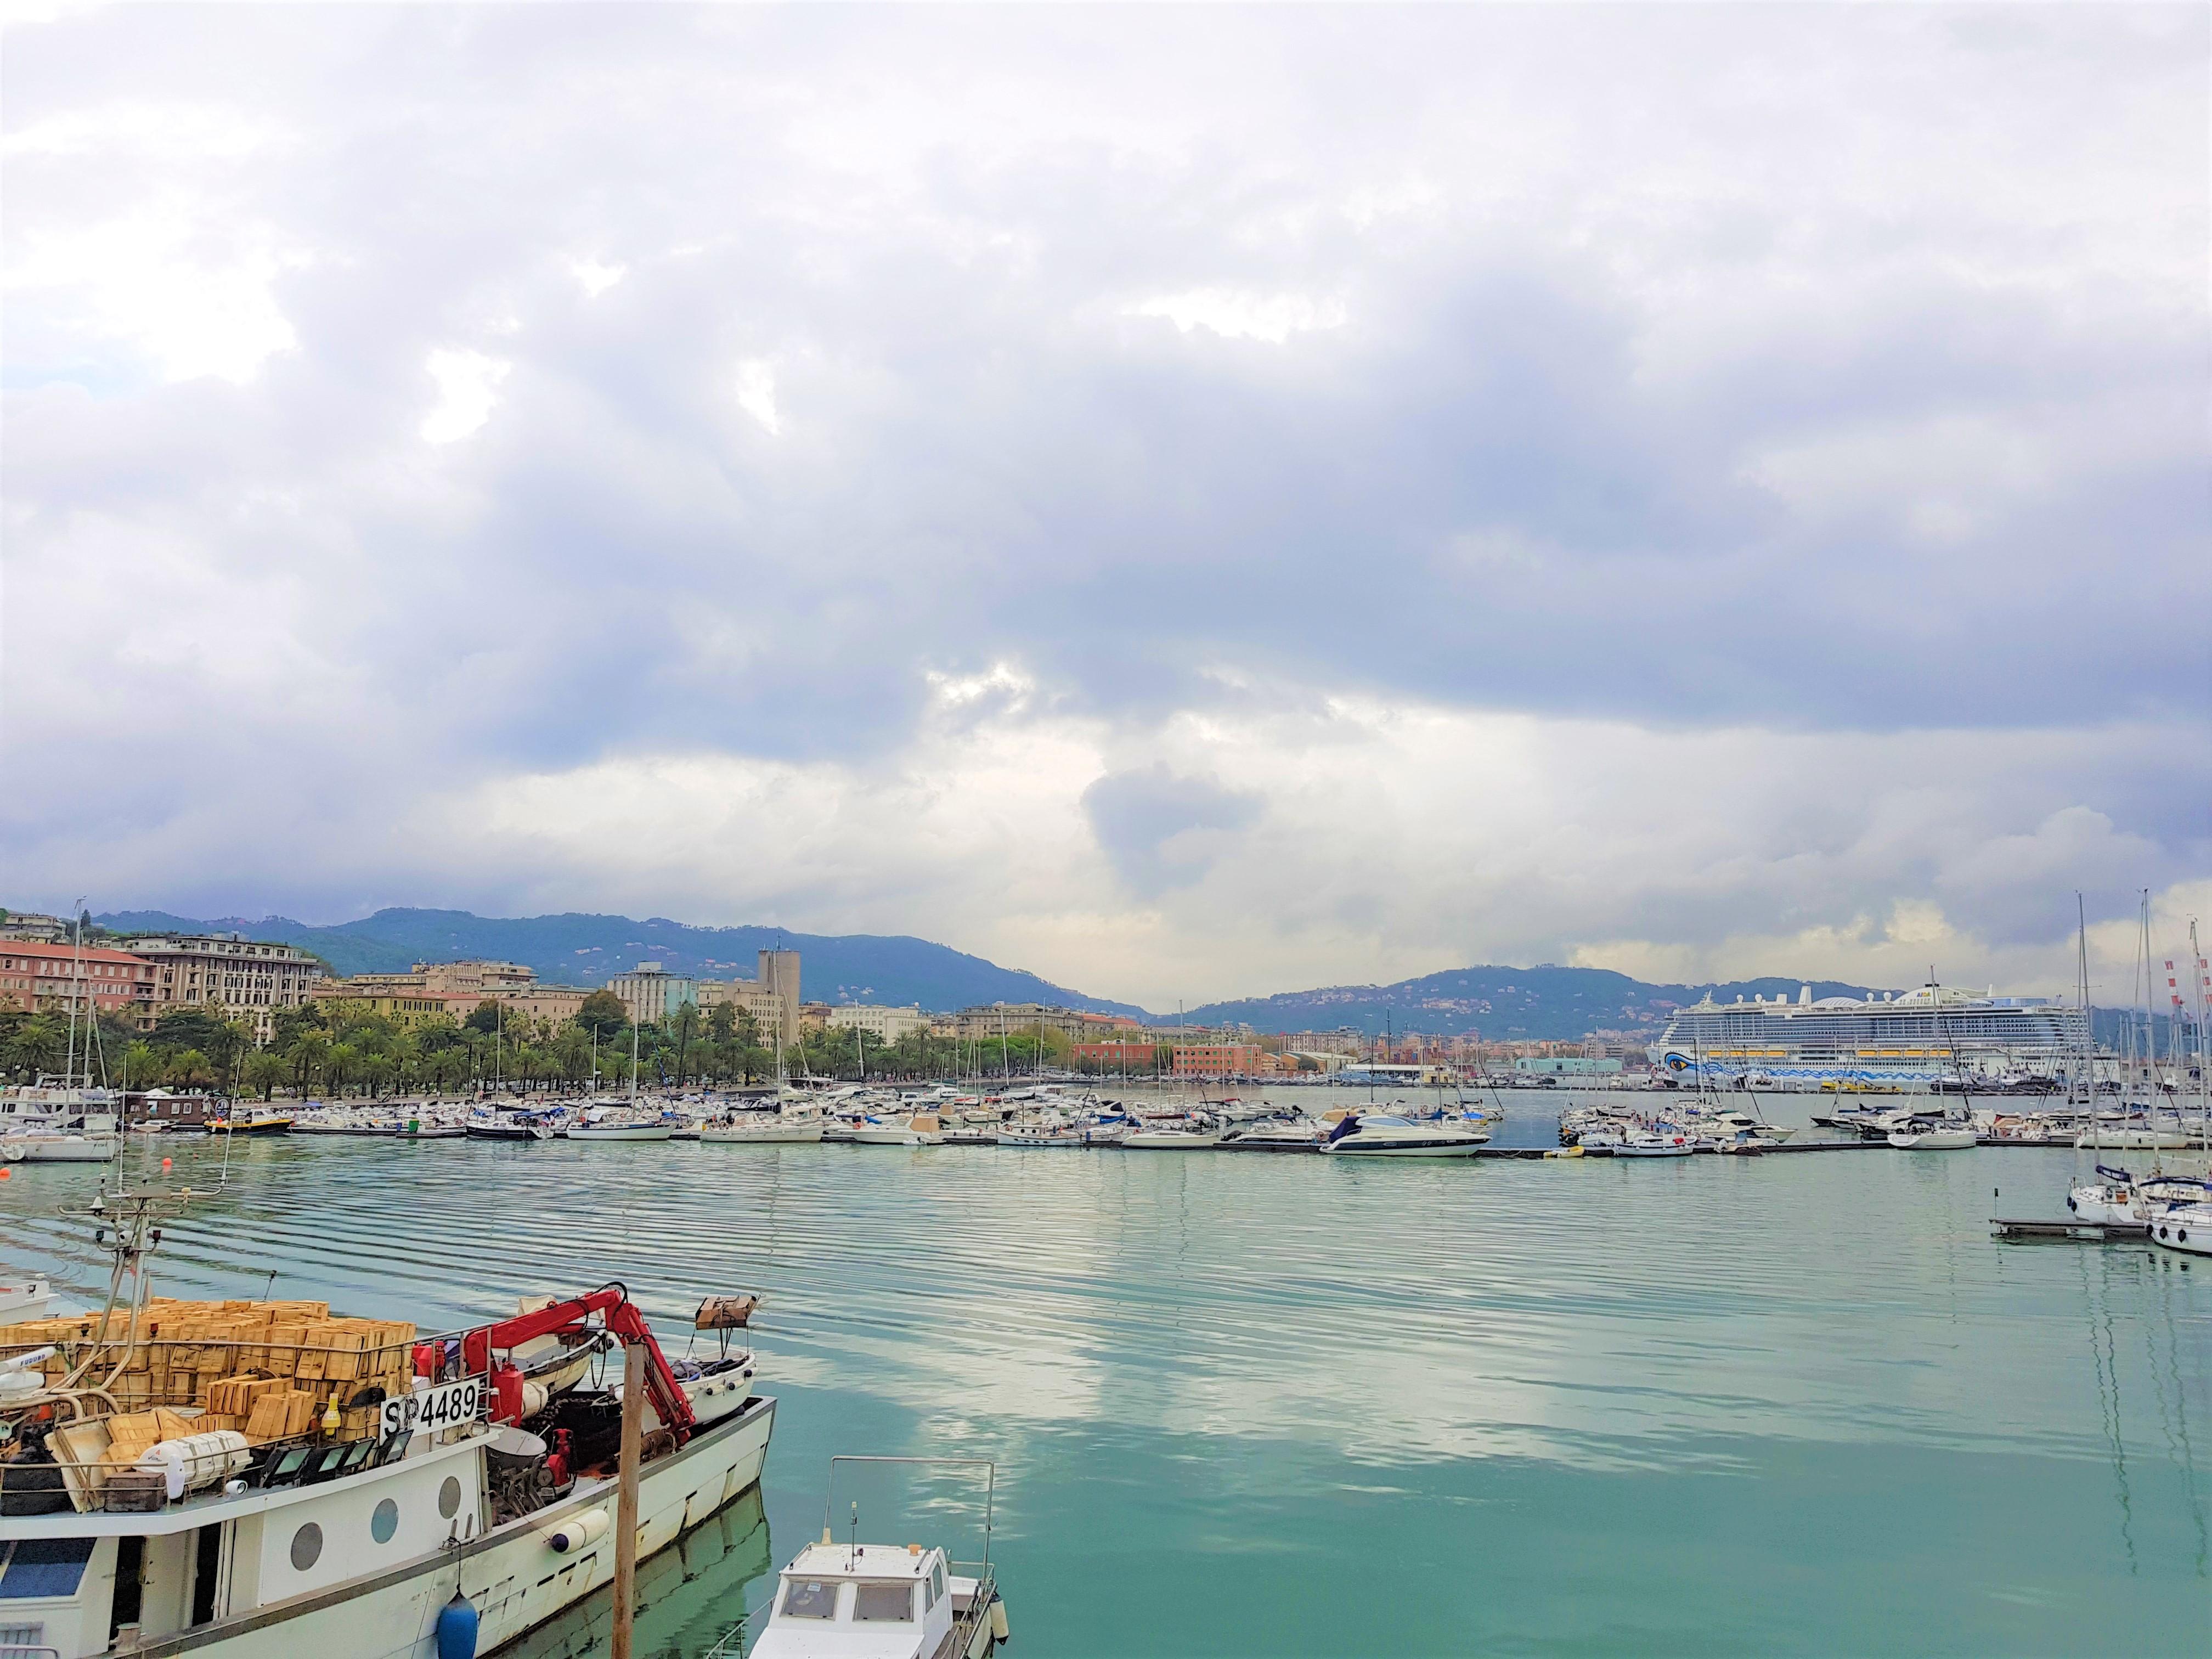 Kreuzfahrt nach La Spezia: Hafen, Ausflüge & Sehenswürdigkeiten